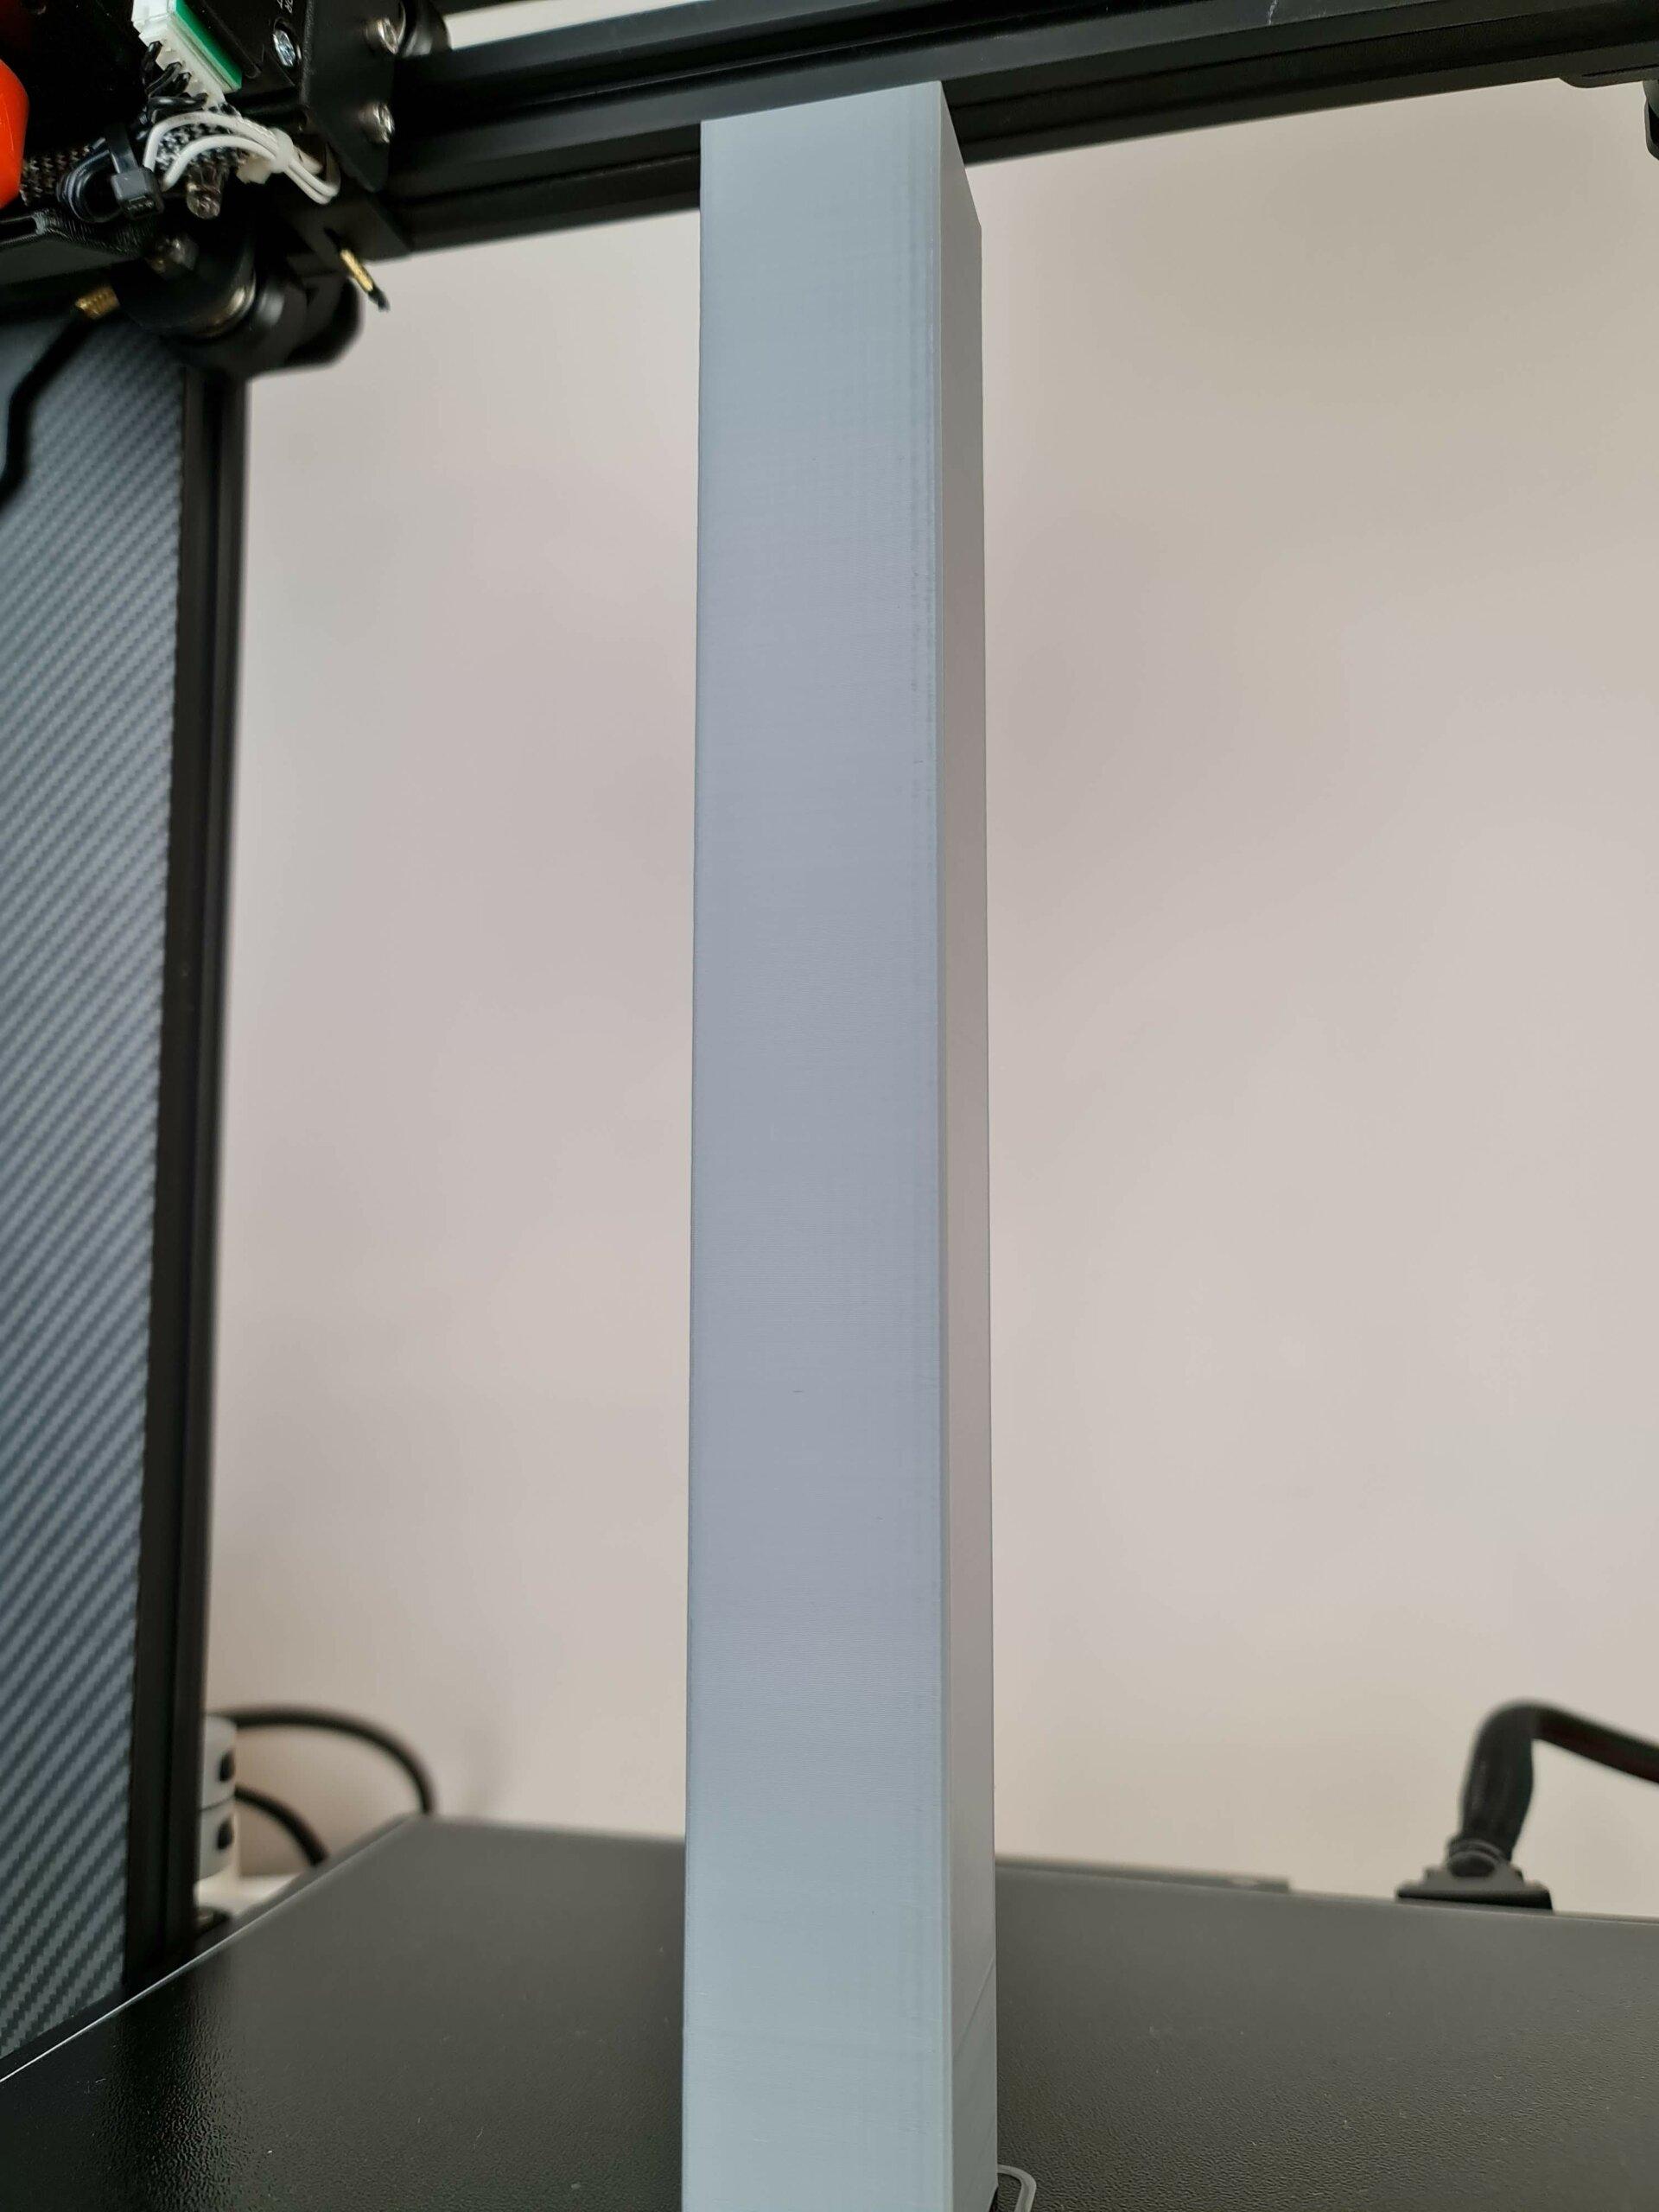 Z-wobble-test-print-on-BIQU-BX-H2-2